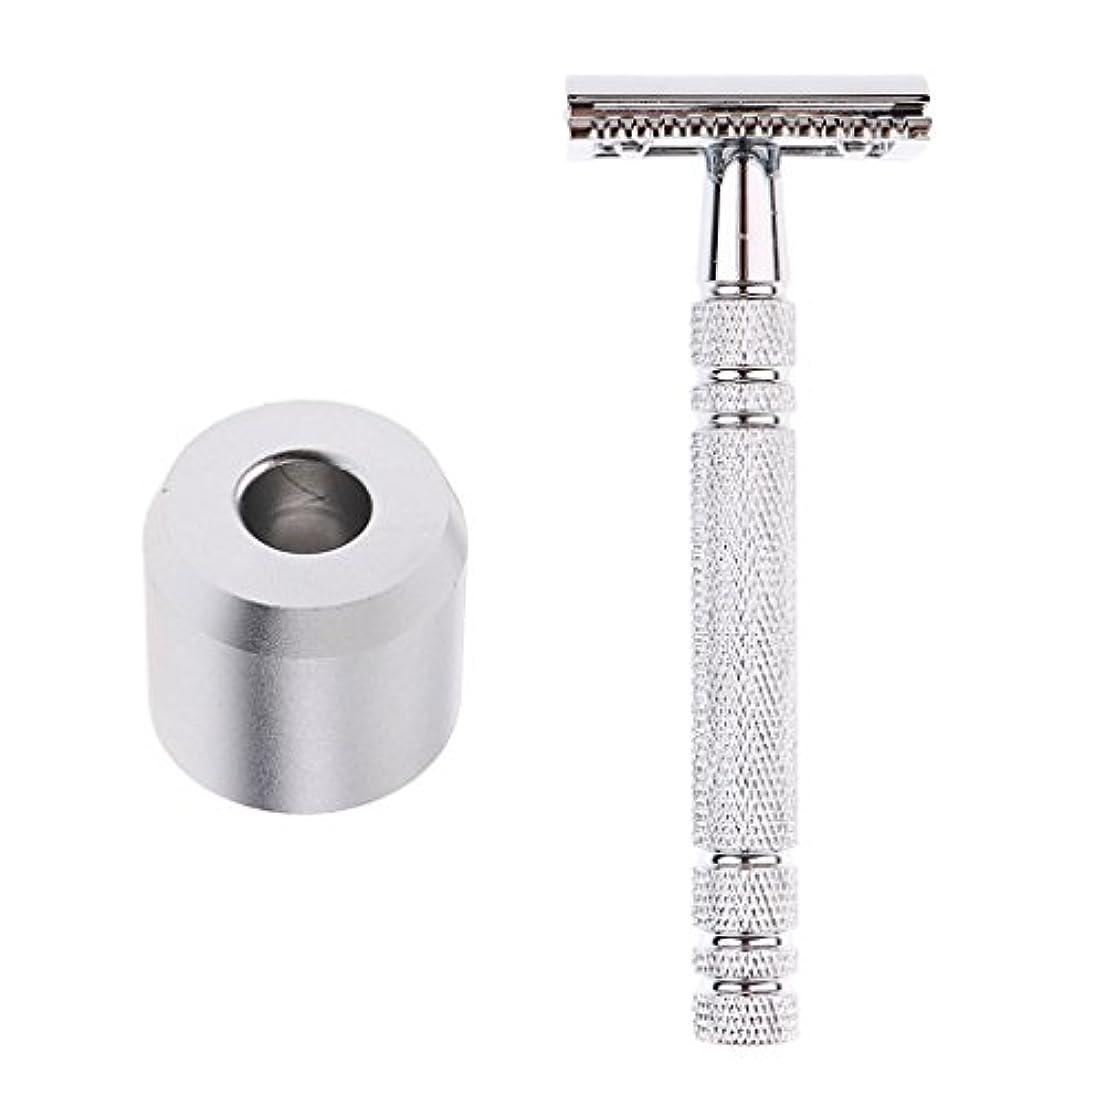 肝勘違いする概要Baosity シェービング用 シェービング カミソリ シェービングスタンド スタンドベース ダブルエッジ剃刀 金属材料 メンズ 2色選べる - 銀